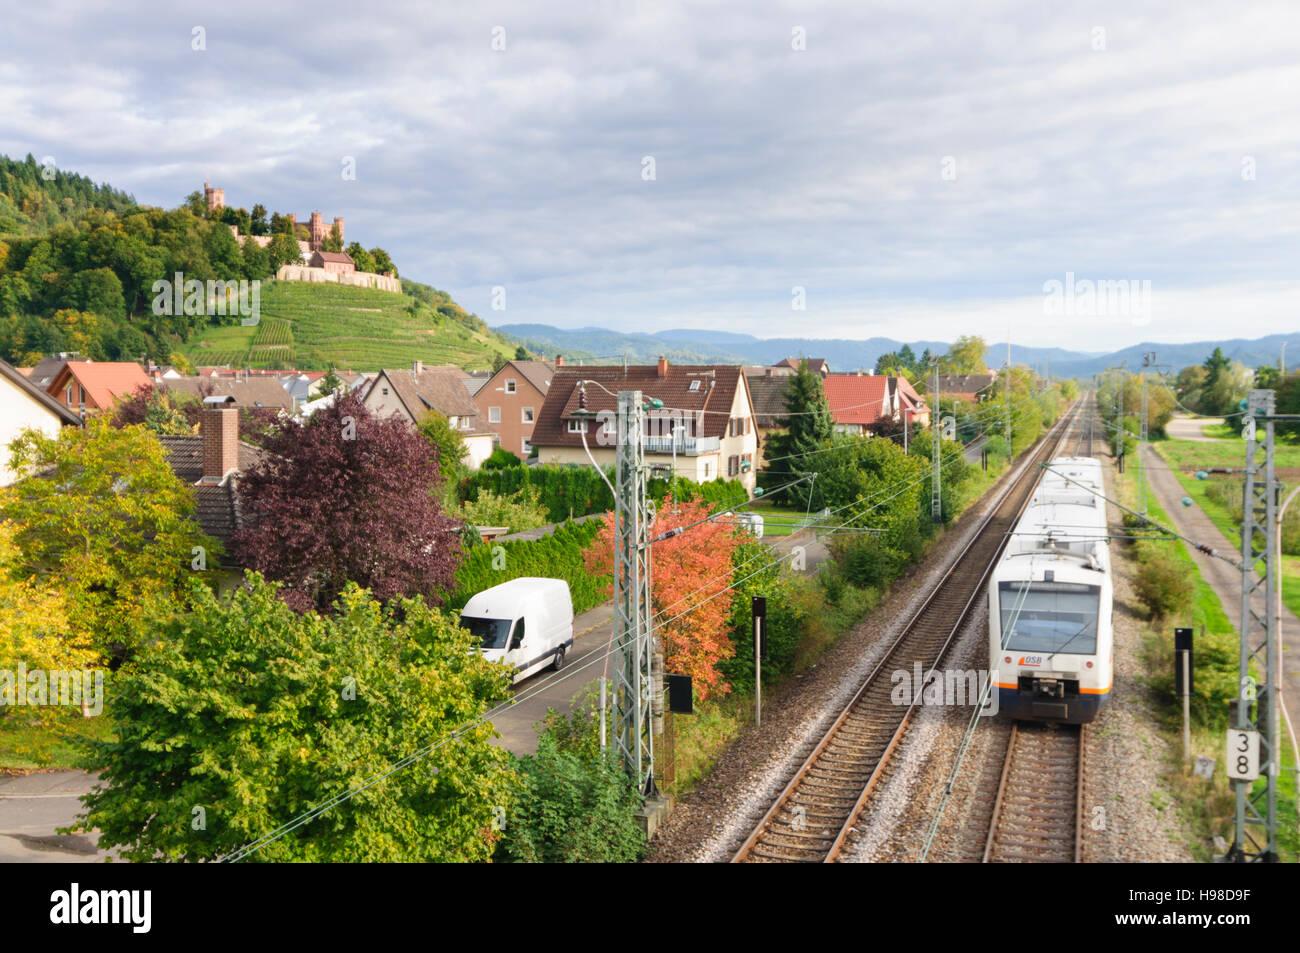 Ortenberg (Baden): Burg Schloss Ortenberg, Weinberge, Zug der Schwarzwaldbahn, Schwarzwald, Schwarzwald, Baden-Württemberg, Stockbild